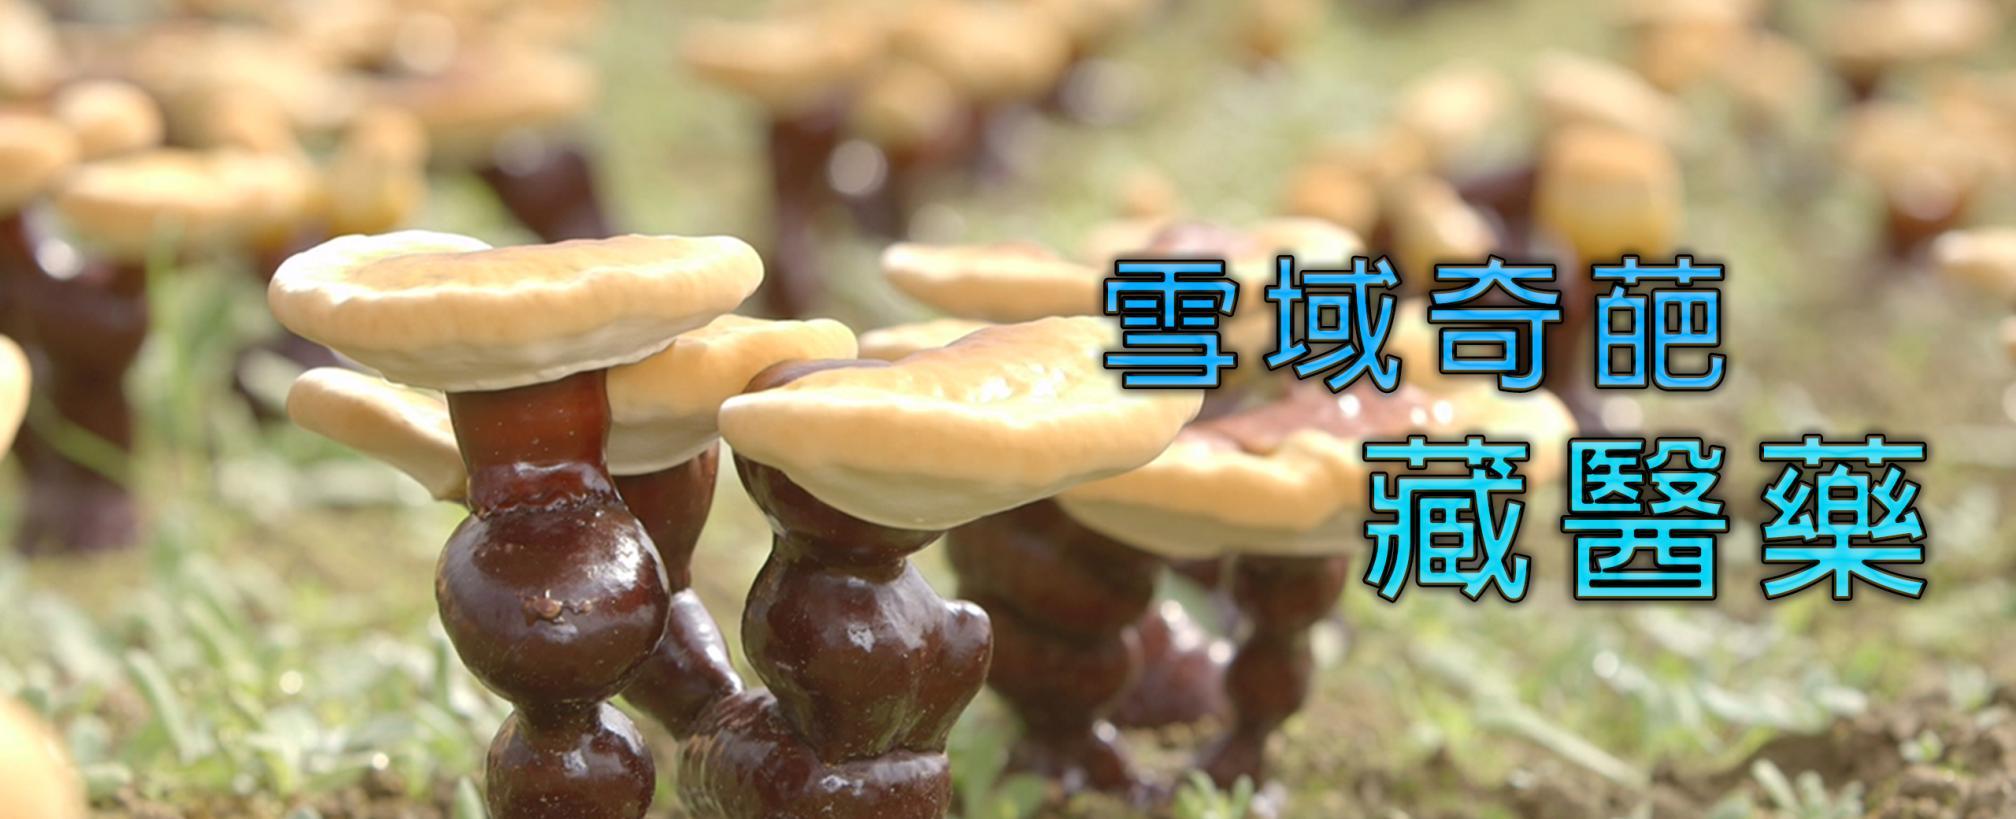 雪域奇葩-藏醫藥劇照 1